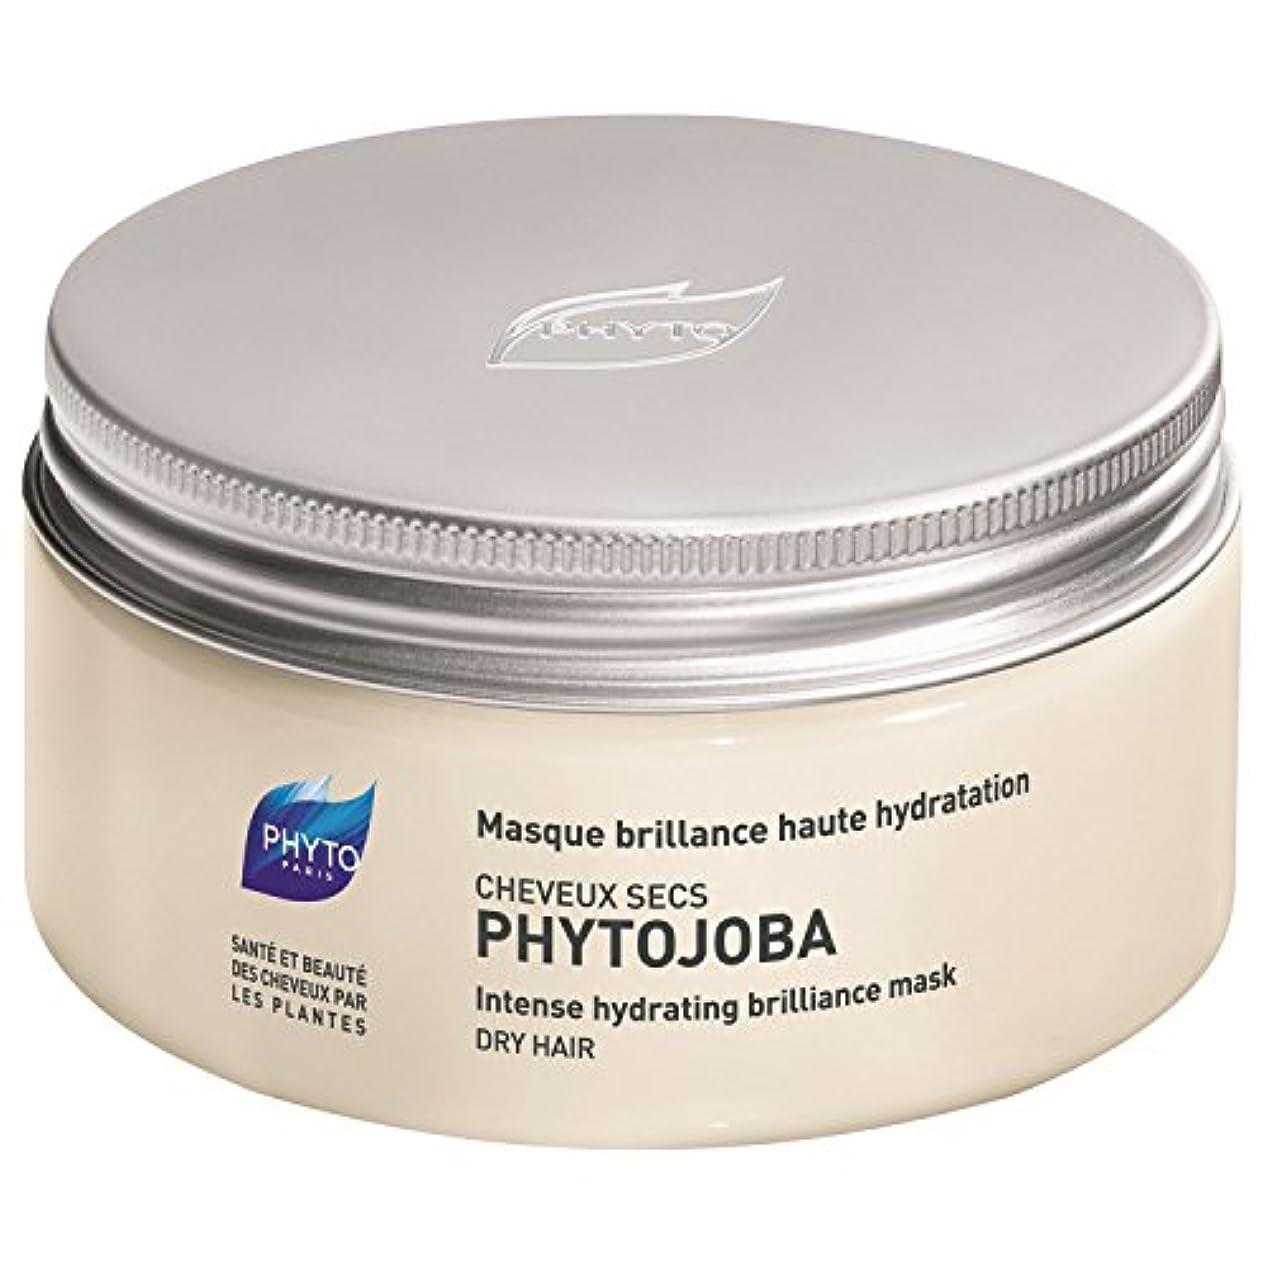 乗り出す協同殺人フィトPhytojoba強烈な水分補給マスク200ミリリットル (Phyto) - Phyto Phytojoba Intense Hydrating Mask 200ml [並行輸入品]